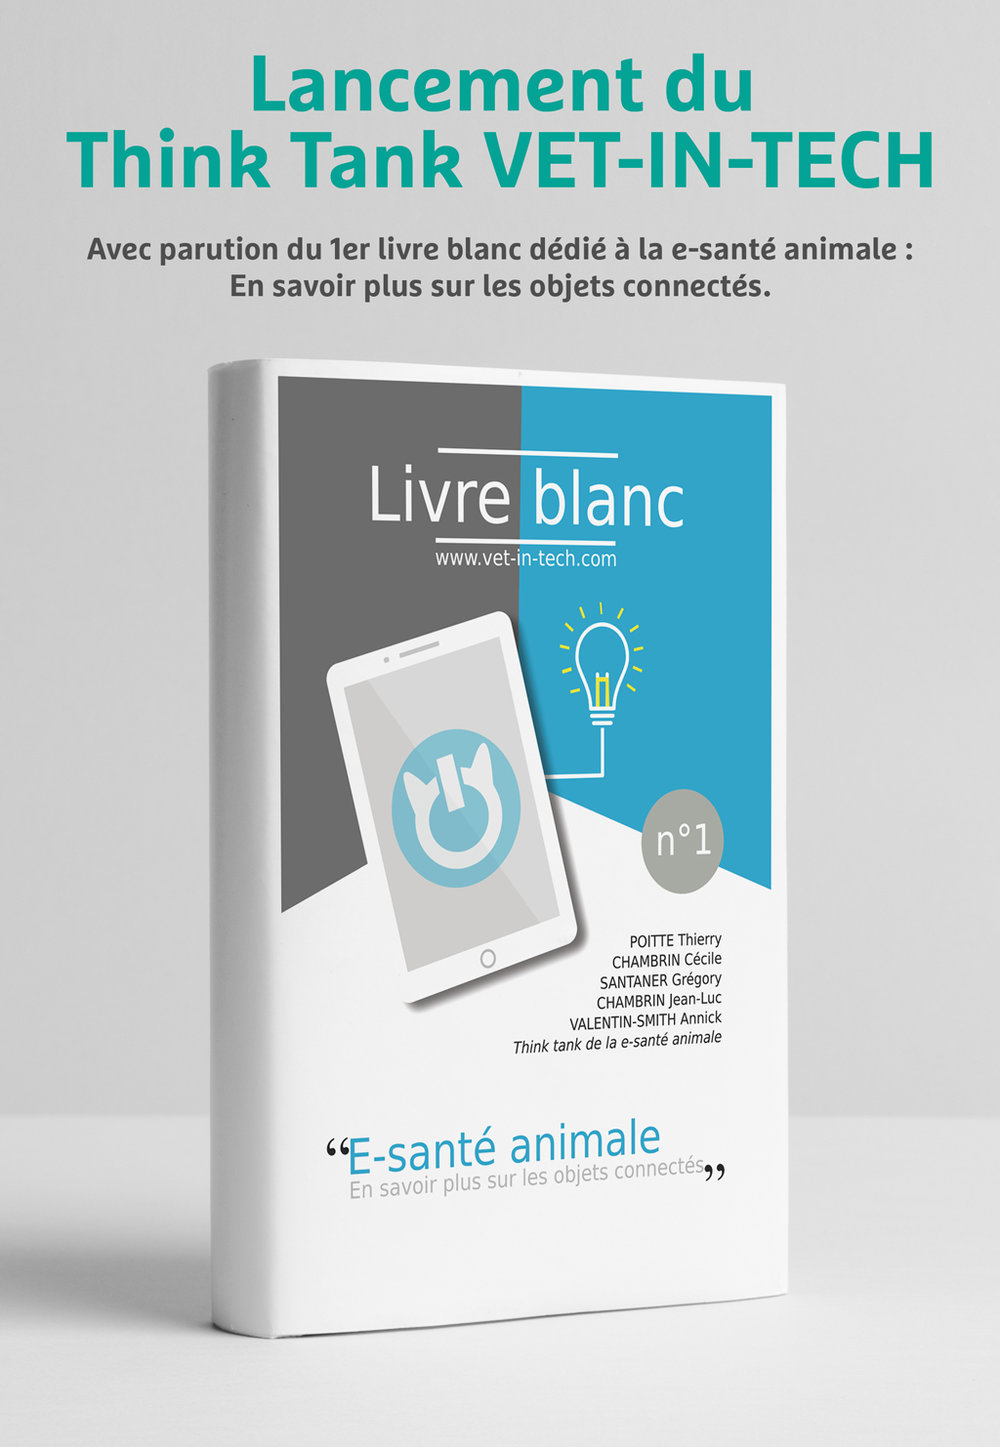 """Télécharger le 1er livre blanc du Think Tank VET-IN-TECH :""""E-santé animale : En savoir plus sur les objets connectés"""""""